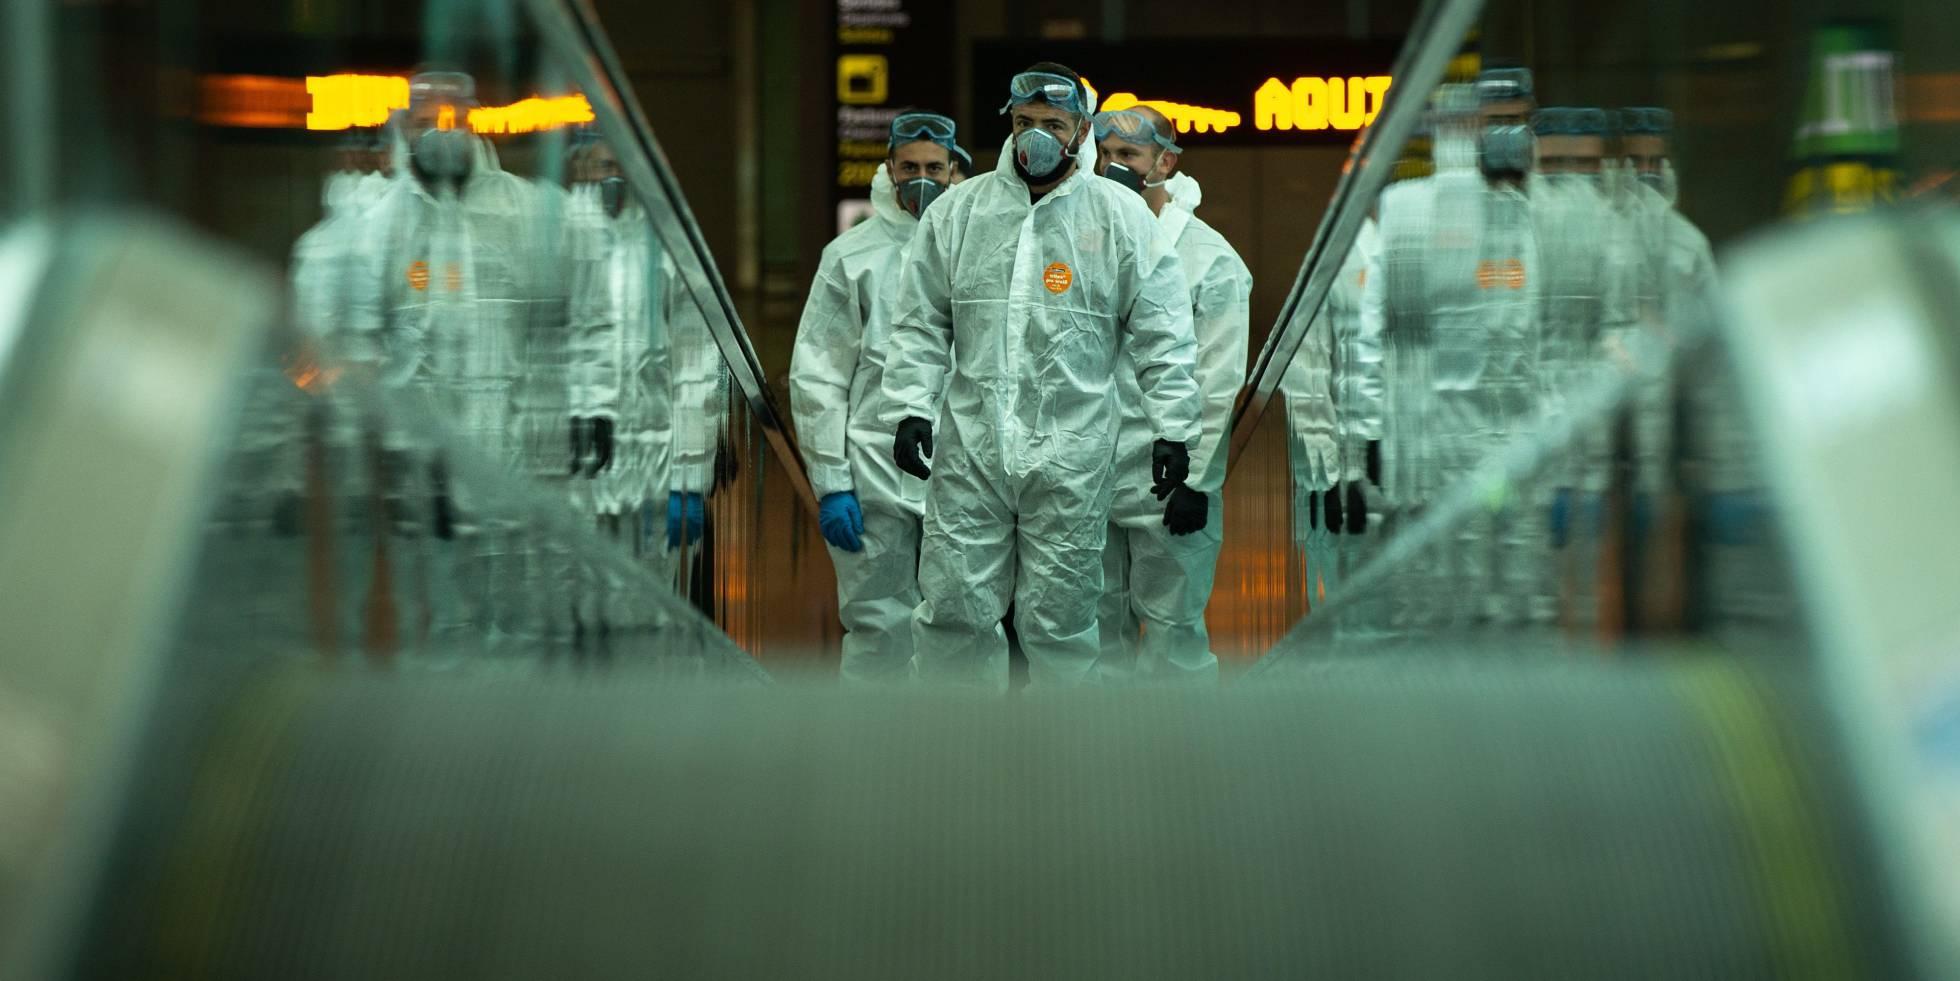 Fotos: La crisis del coronavirus en España, en imágenes | Sociedad ...